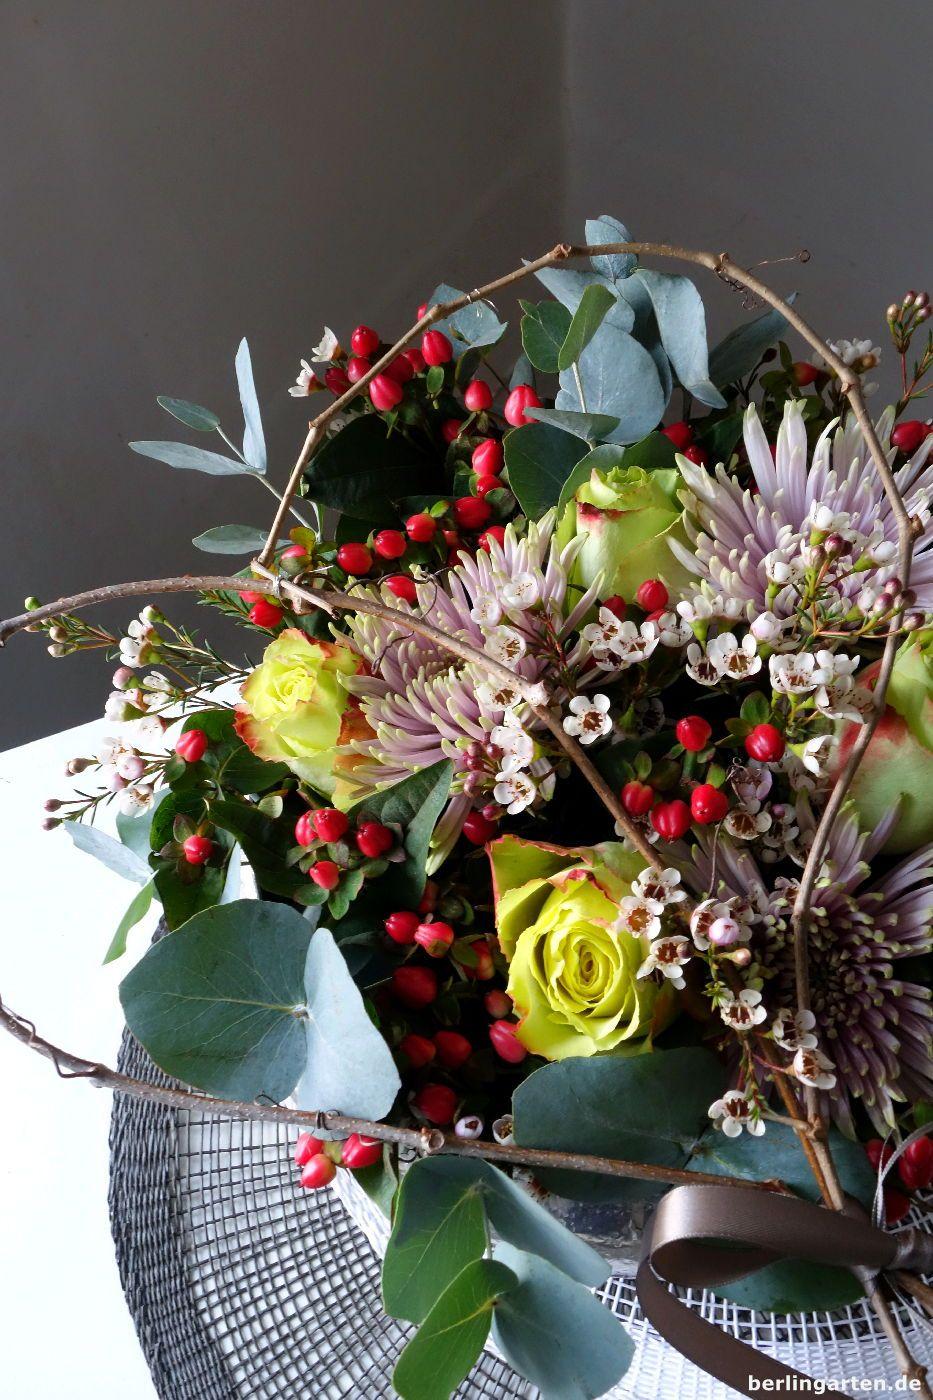 Valentinstag emanzipiert: Blumen-Geschenke für Männer